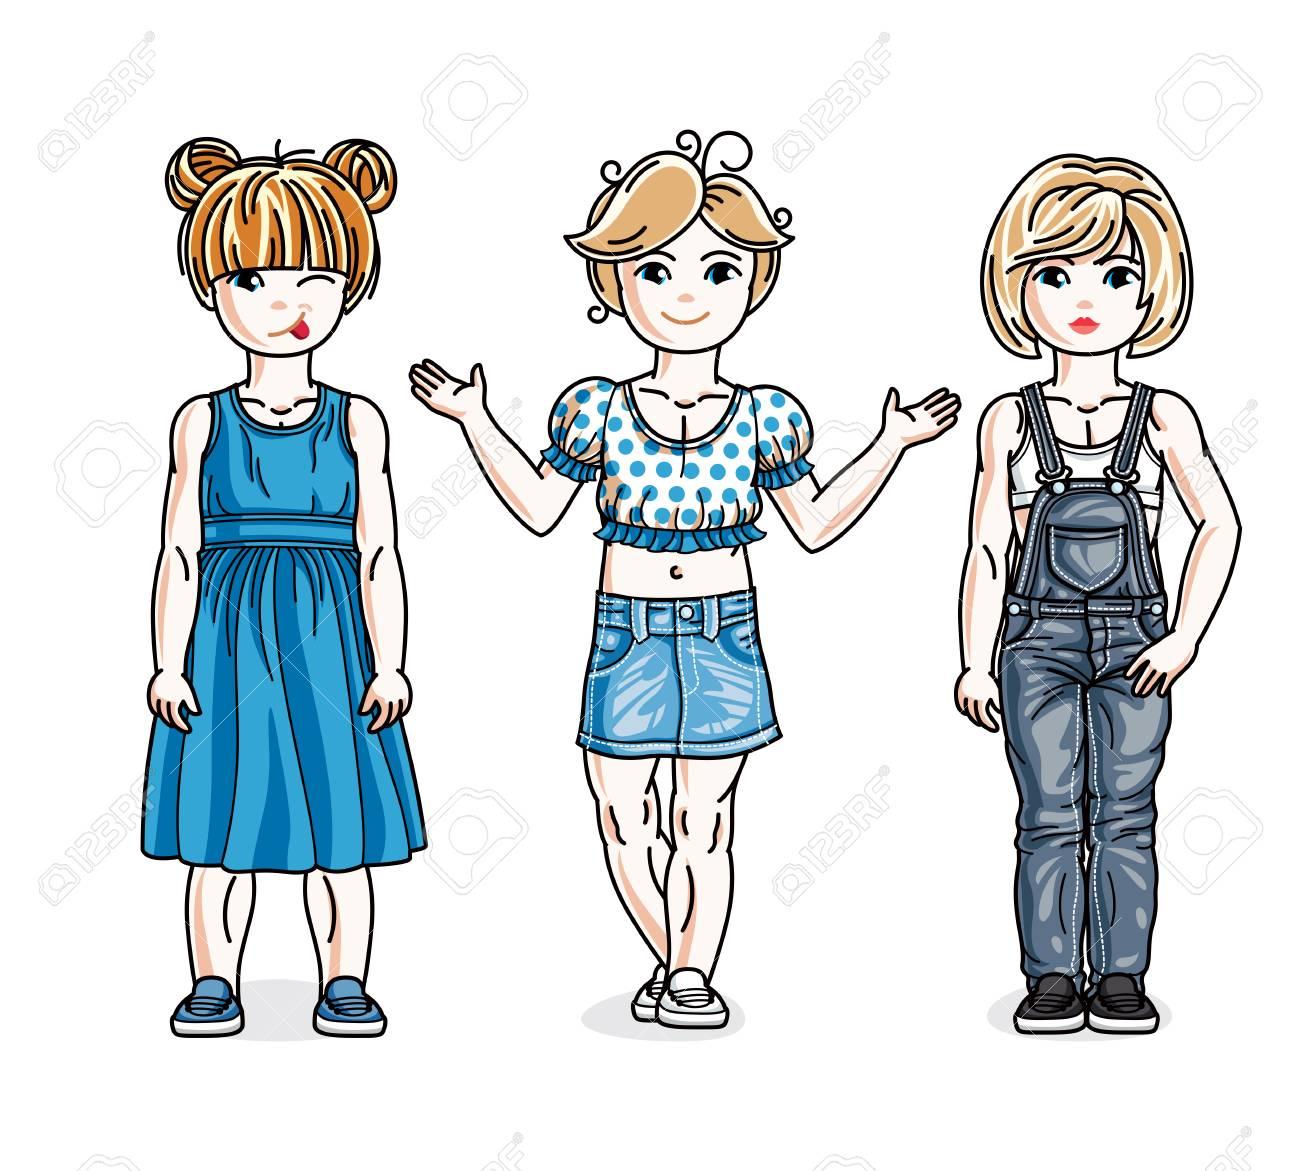 かわいい女の子がおしゃれなカジュアル服で立っています ベクター子供のイラスト セット 幼年期および家族の生活漫画です のイラスト素材 ベクタ Image 7573